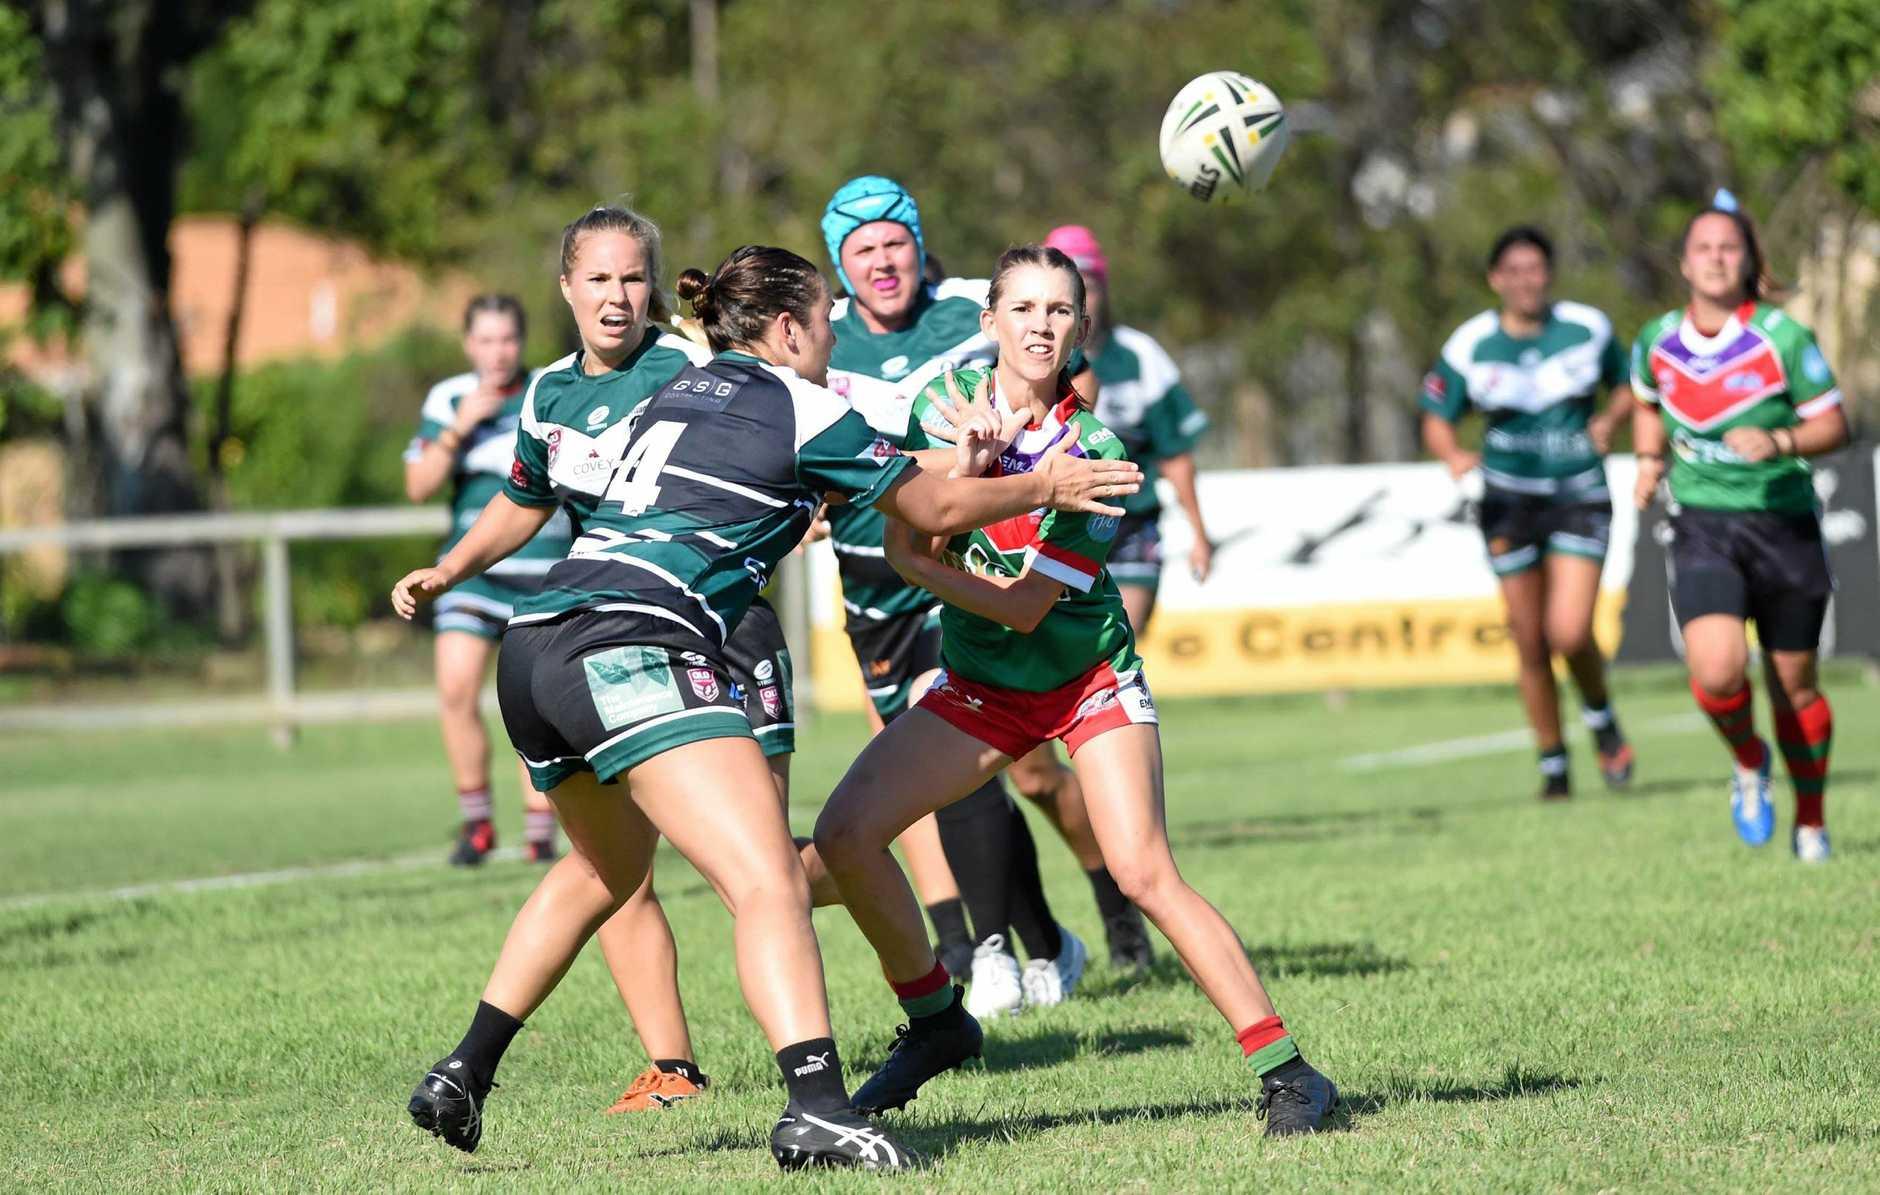 Women's Rugby League Trial - Hervey Bay Seagulls (Light Green) v Maroochydoore Swans (Dark Green) - Skye Houliston (Seagulls) gets a pass away.